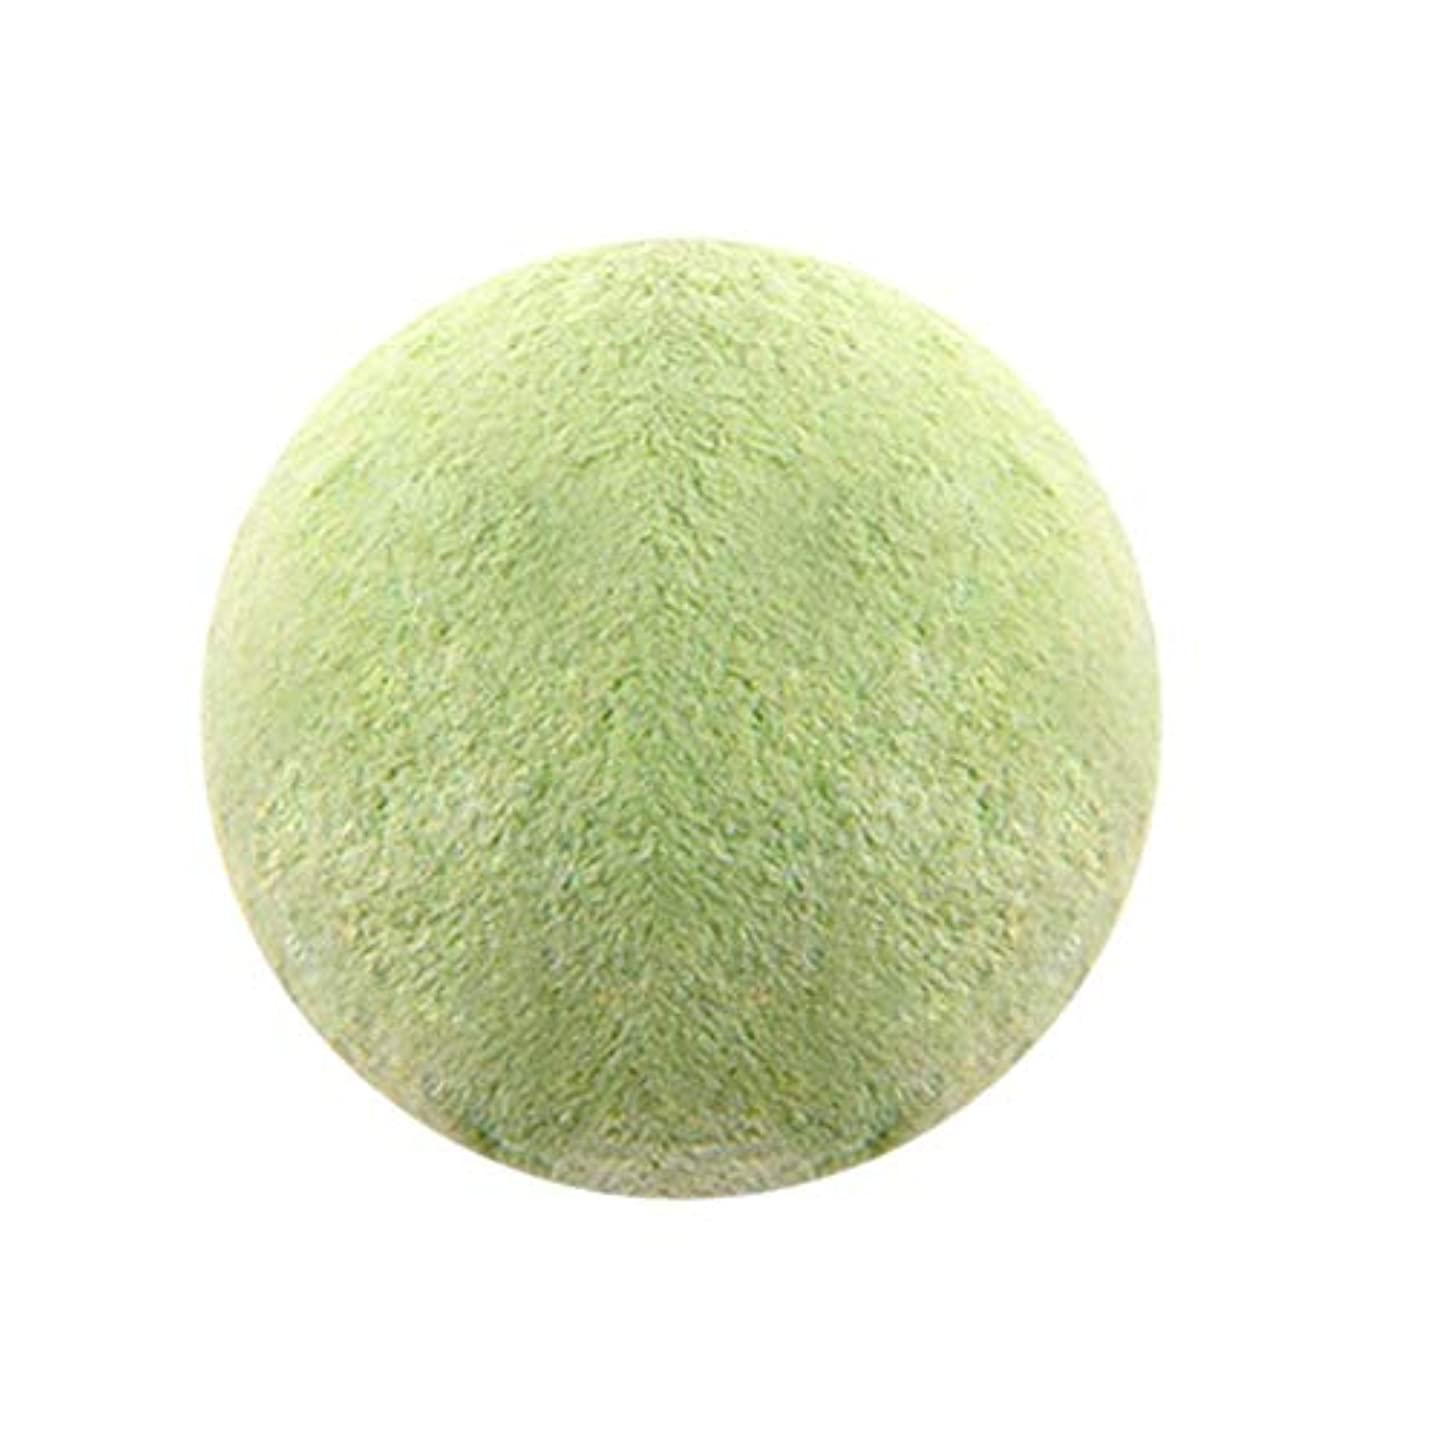 用心想定何バスボール ボディスキンホワイトニング バスソルト リラックス ストレスリリーフ バブルシャワー 爆弾ボール 1pc Lushandy